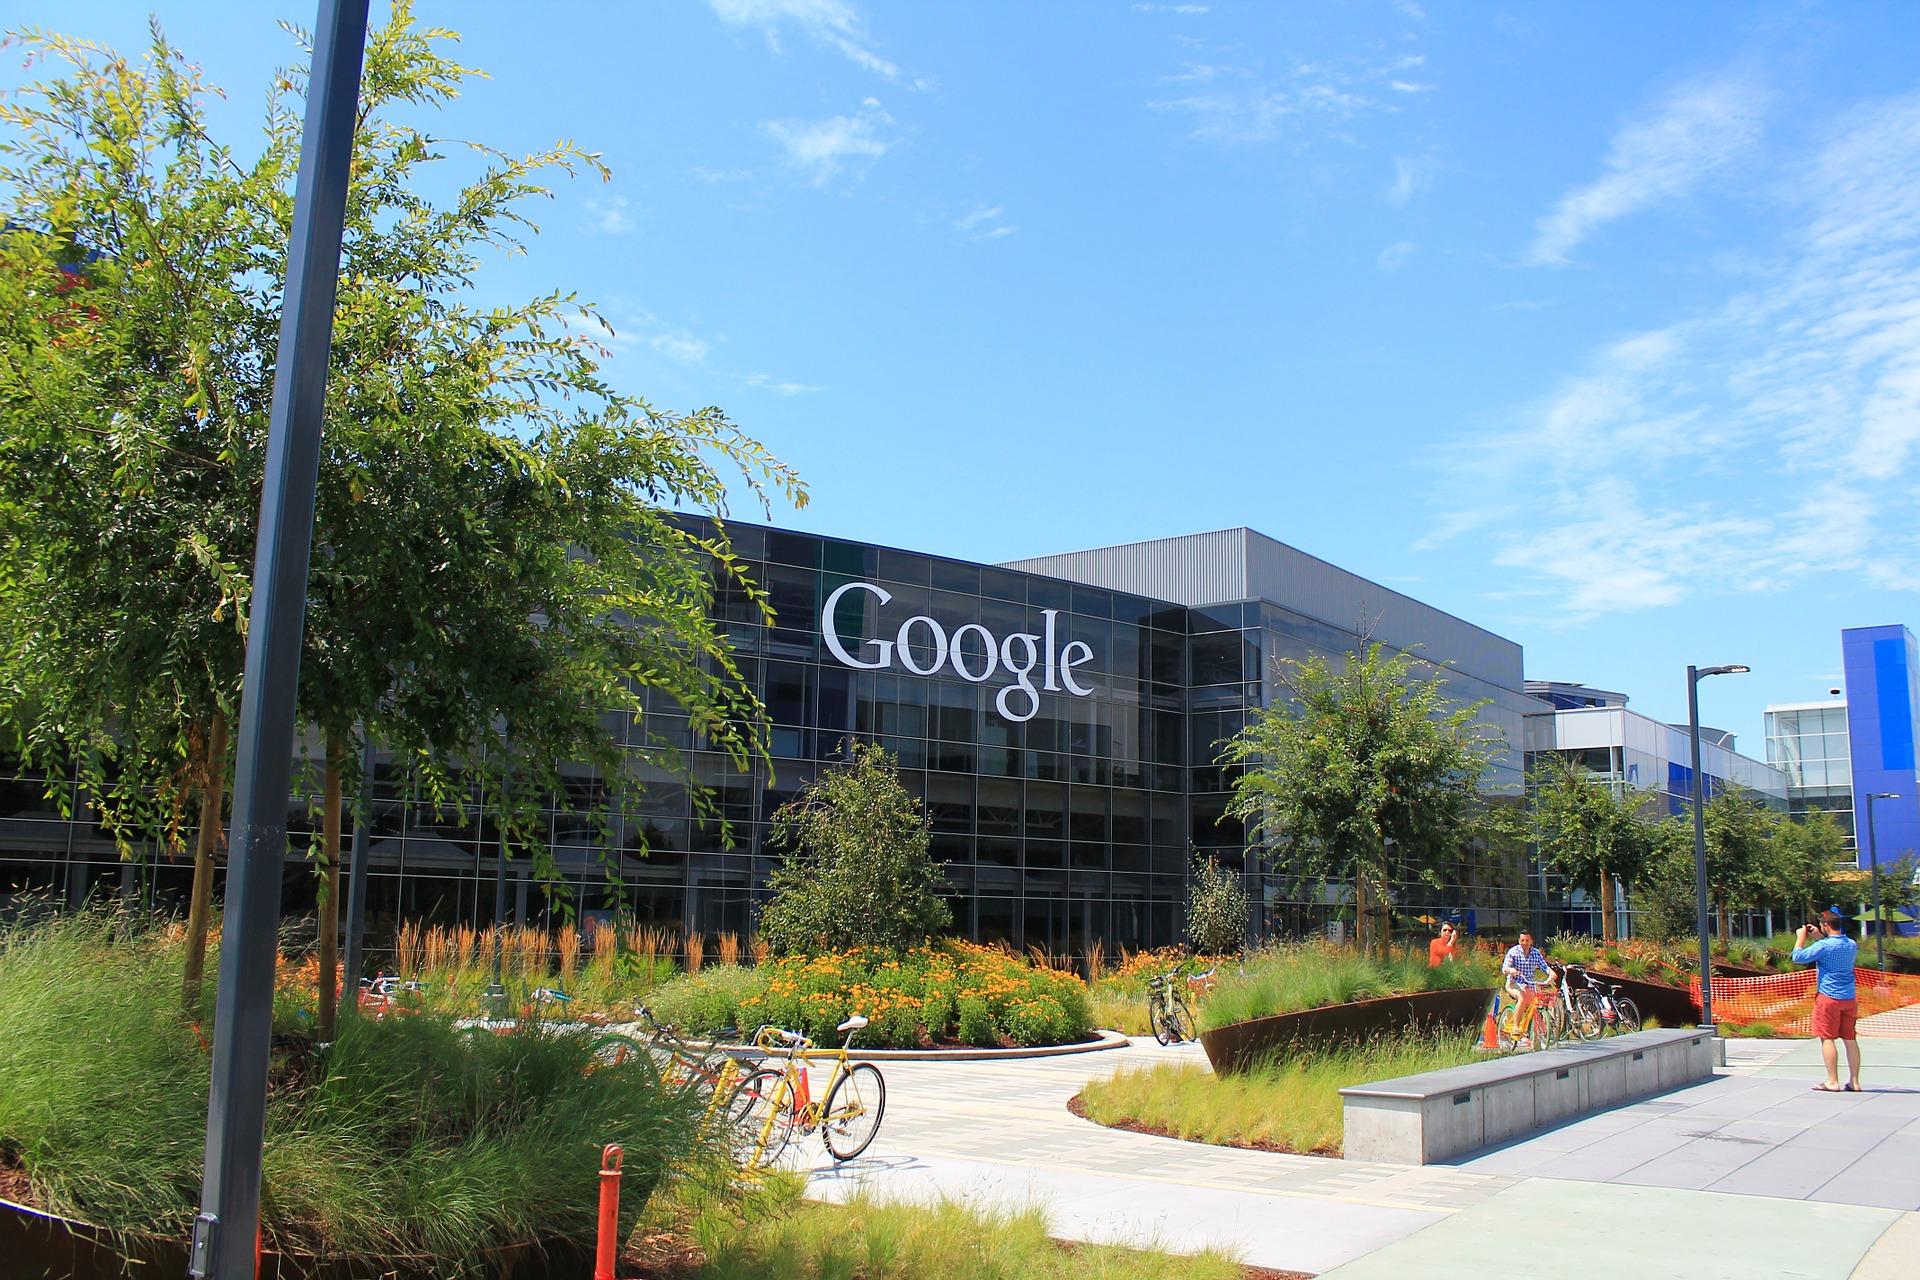 Google - Elysia energia solar Porto Alegre